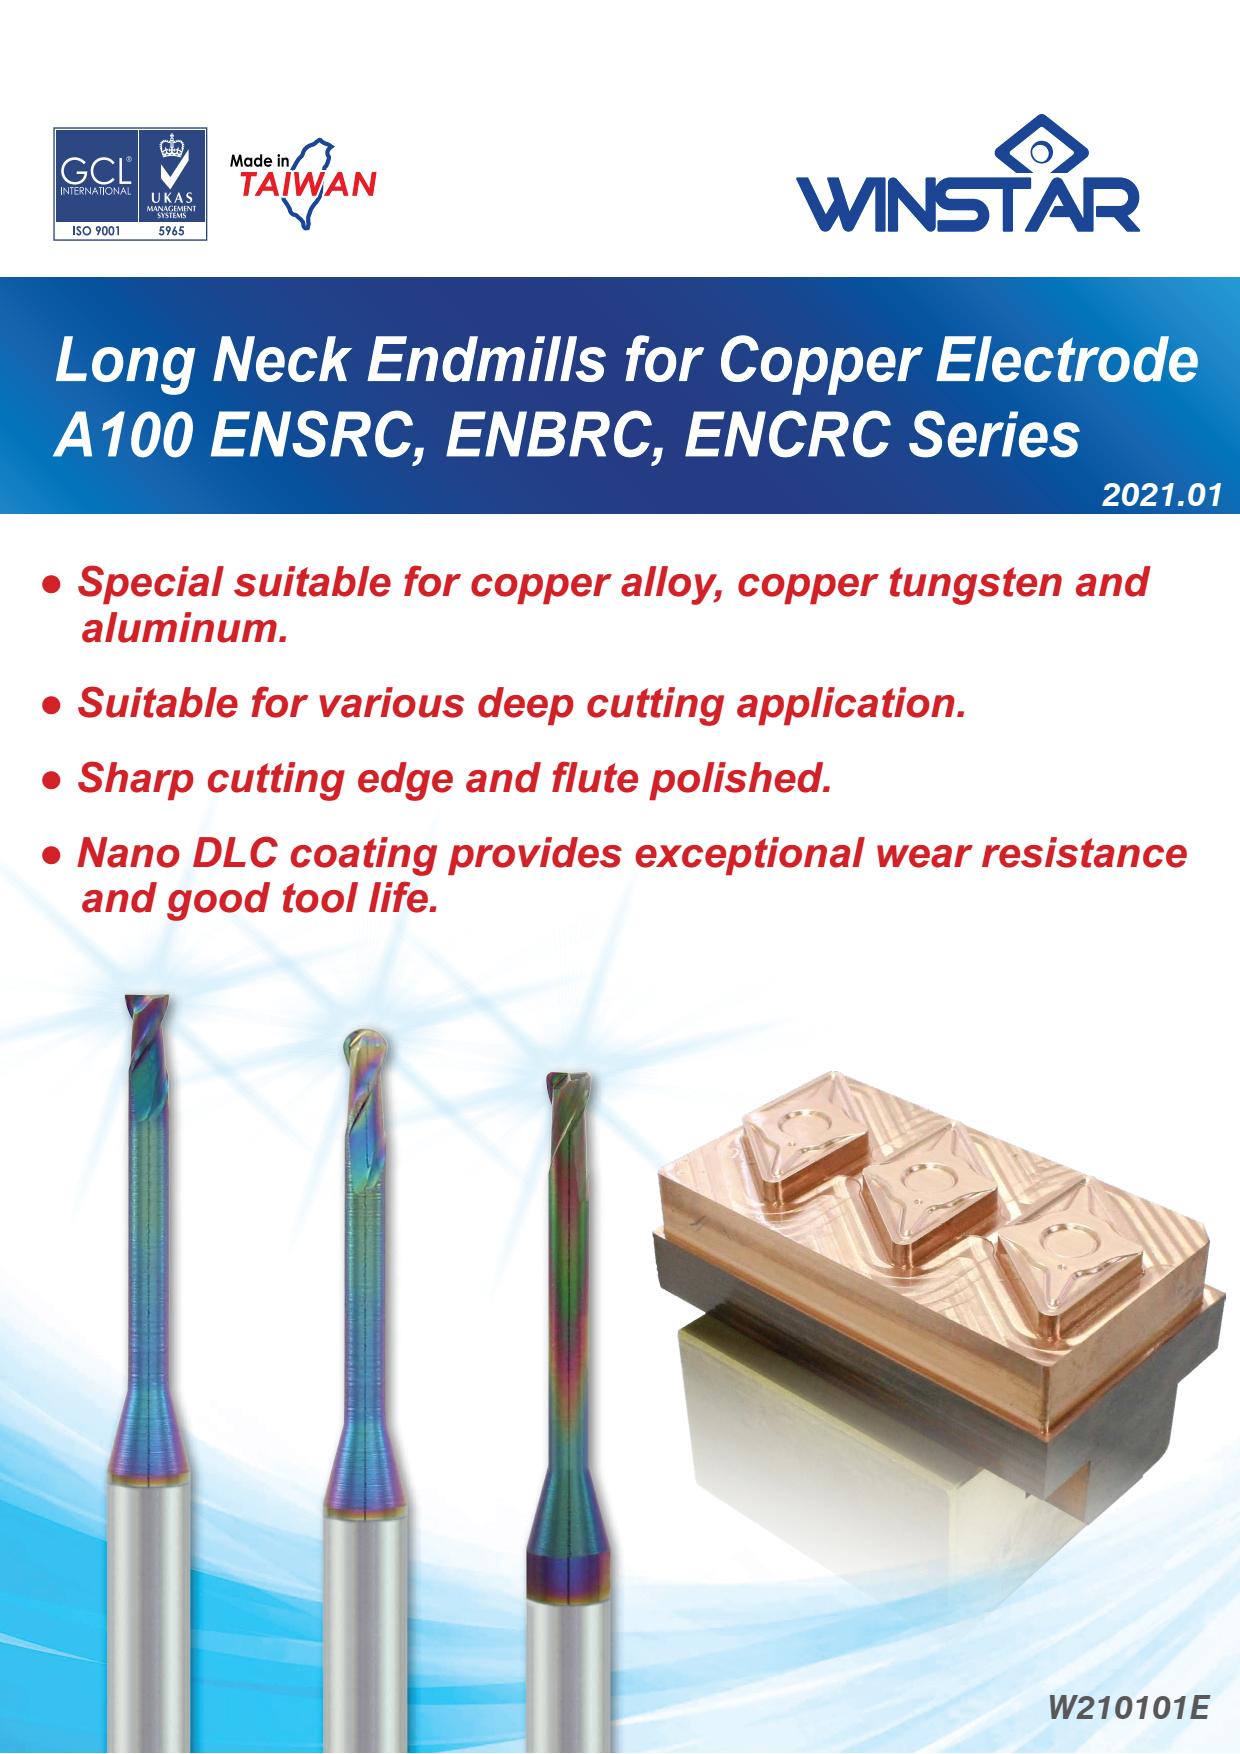 Dao Phay Điện Cực Đồng Winstar A100 ENSRC-ENBRC-ENCRC 1